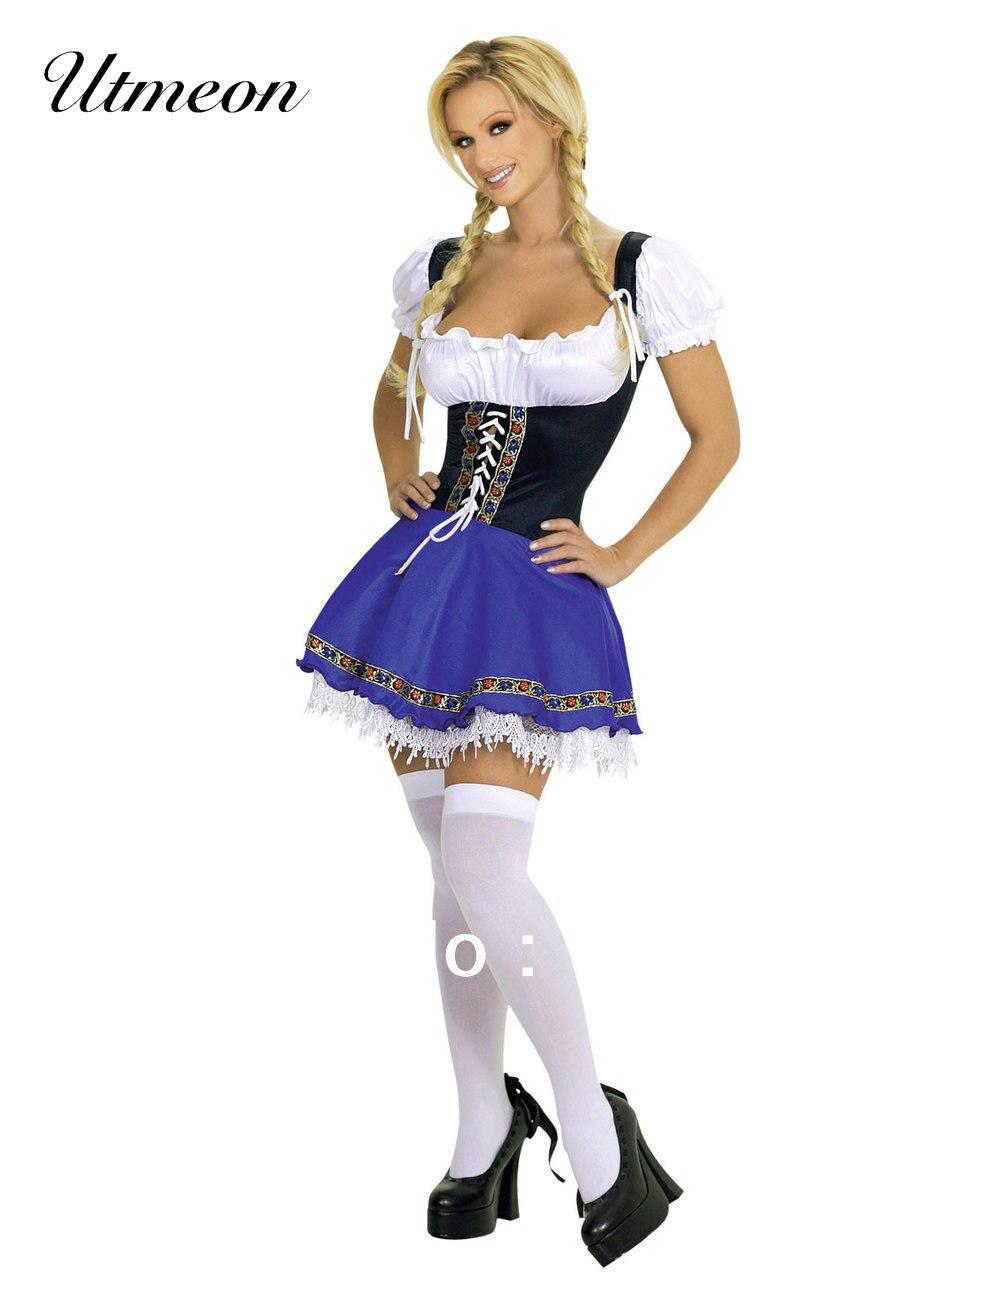 UTMEON-сексуальный женский костюм Октоберфеста Dirndl, платье горничной, немецкий баварский костюм для косплея, Сексуальные вечерние костюмы на Хэллоуин